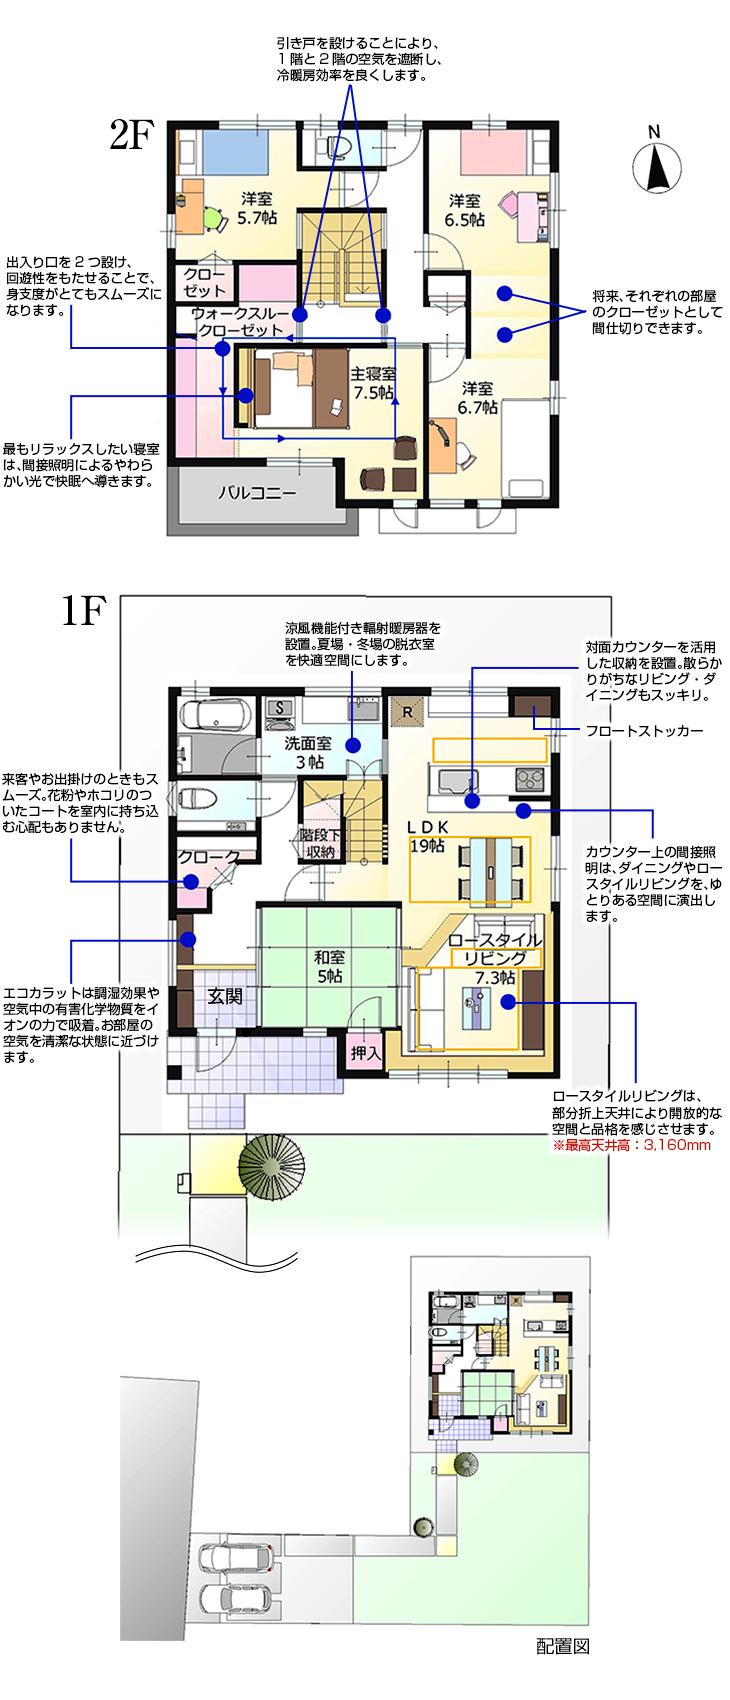 【ダイワハウス】まちなかジーヴォ三本柳III (分譲住宅)の画像